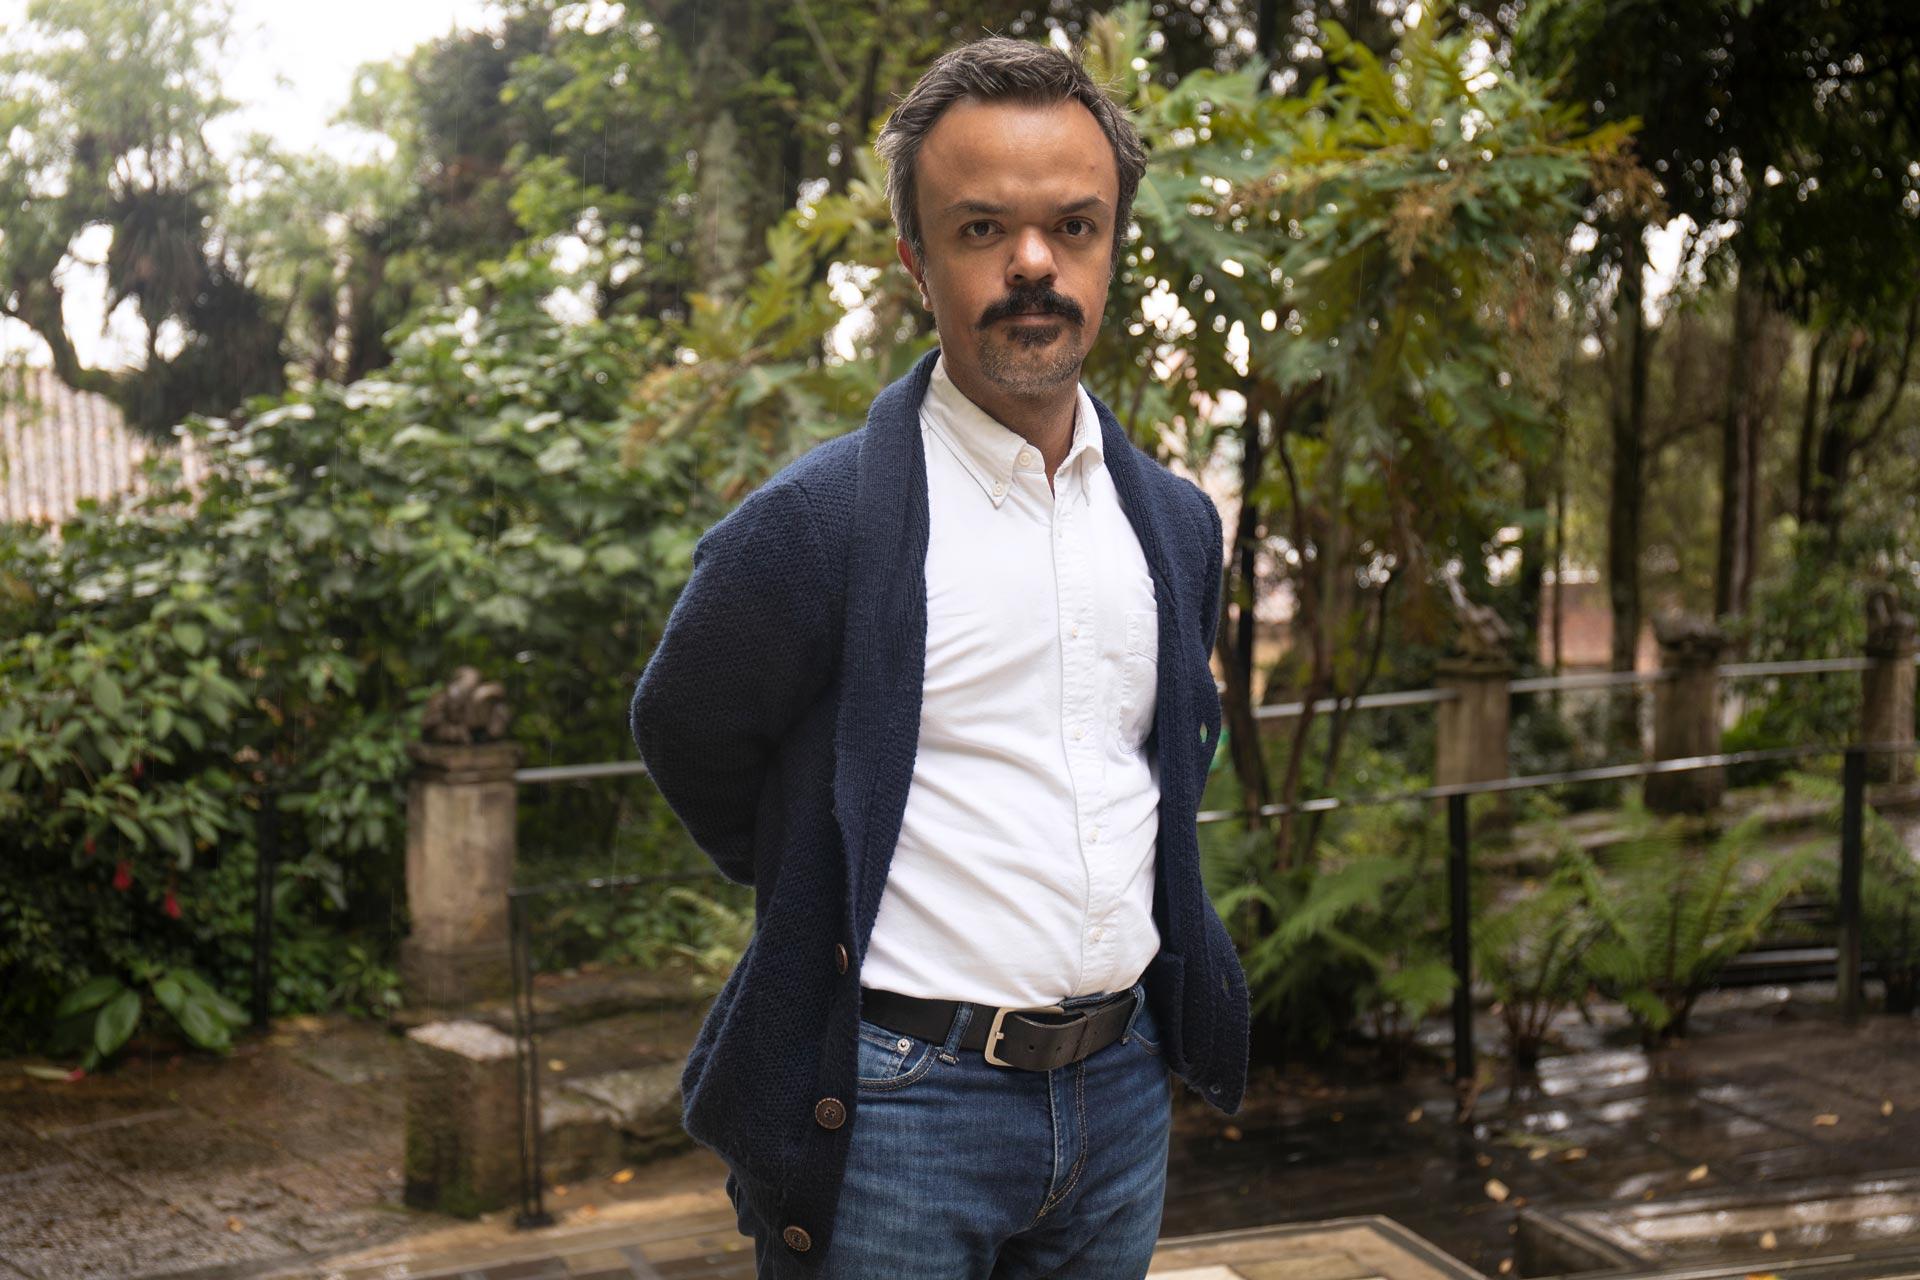 Beca de la Fundación Civitella Ranieri para Santiago Forero, profesor de fotografía